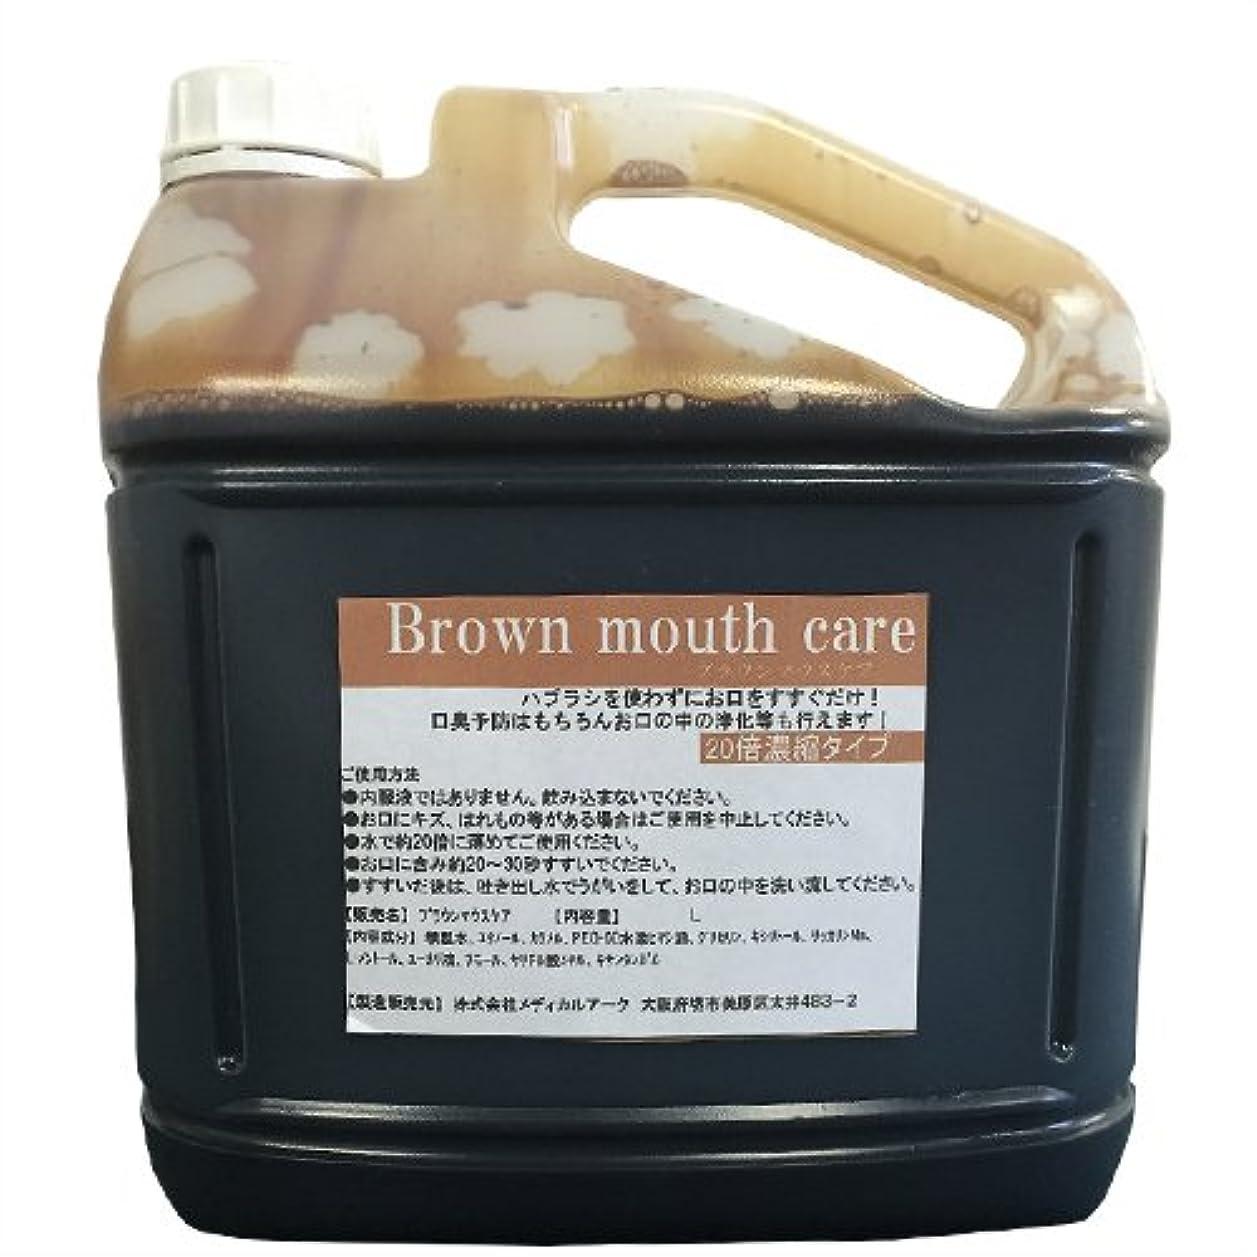 形状風邪をひく聖人業務用洗口液 ガーグル ブラウンマウスケア (Brown mouth care) 20倍濃縮タイプ 5L (詰め替えコック付き)